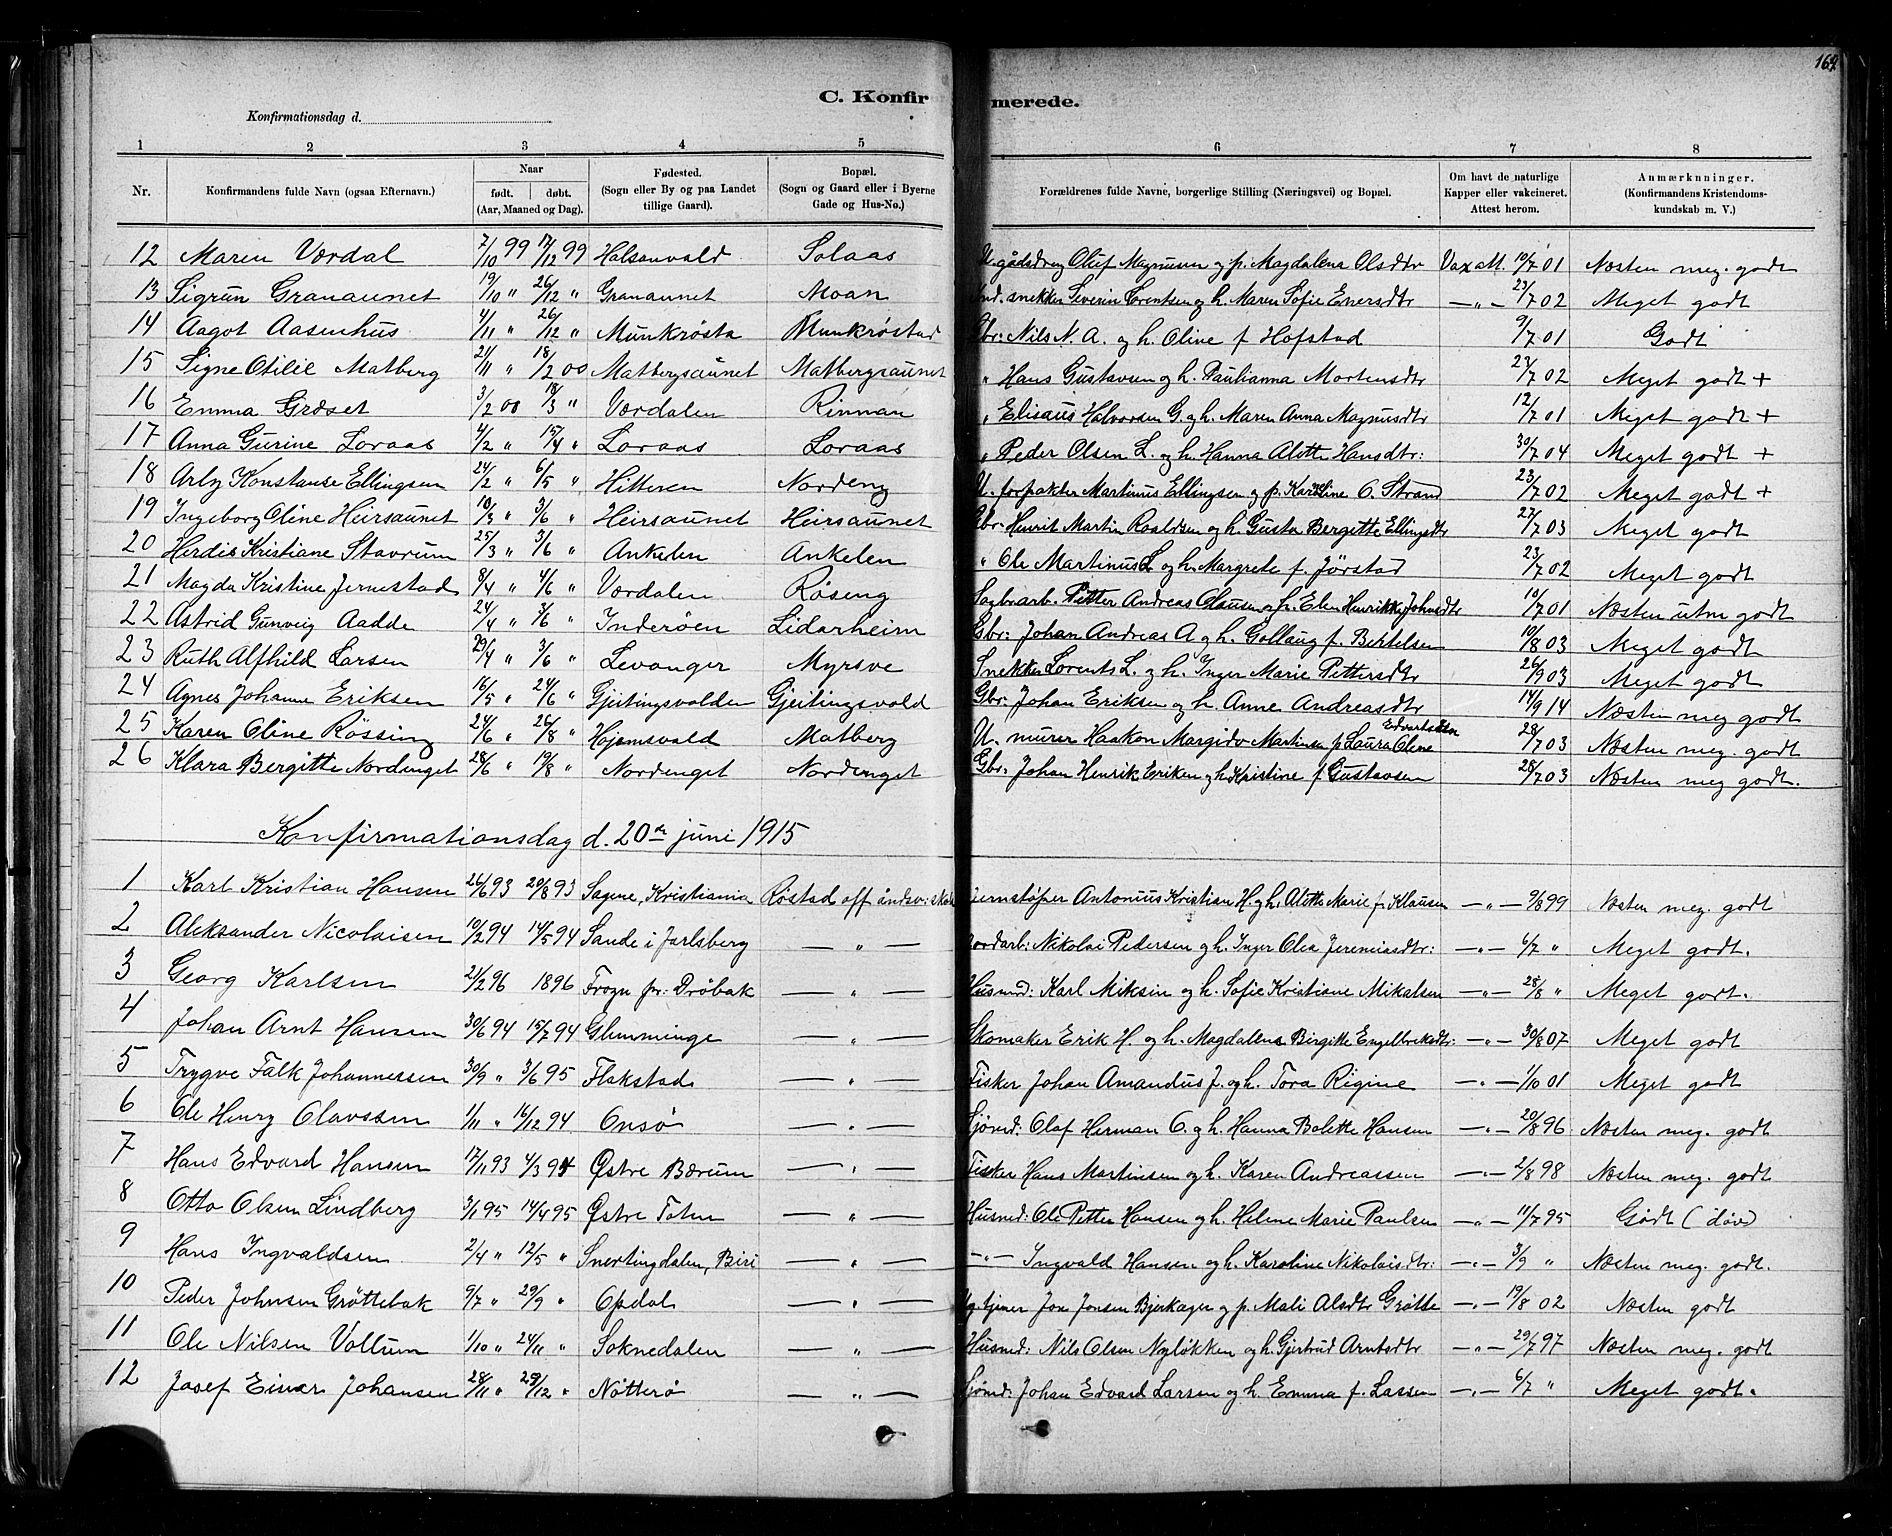 SAT, Ministerialprotokoller, klokkerbøker og fødselsregistre - Nord-Trøndelag, 721/L0208: Klokkerbok nr. 721C01, 1880-1917, s. 164